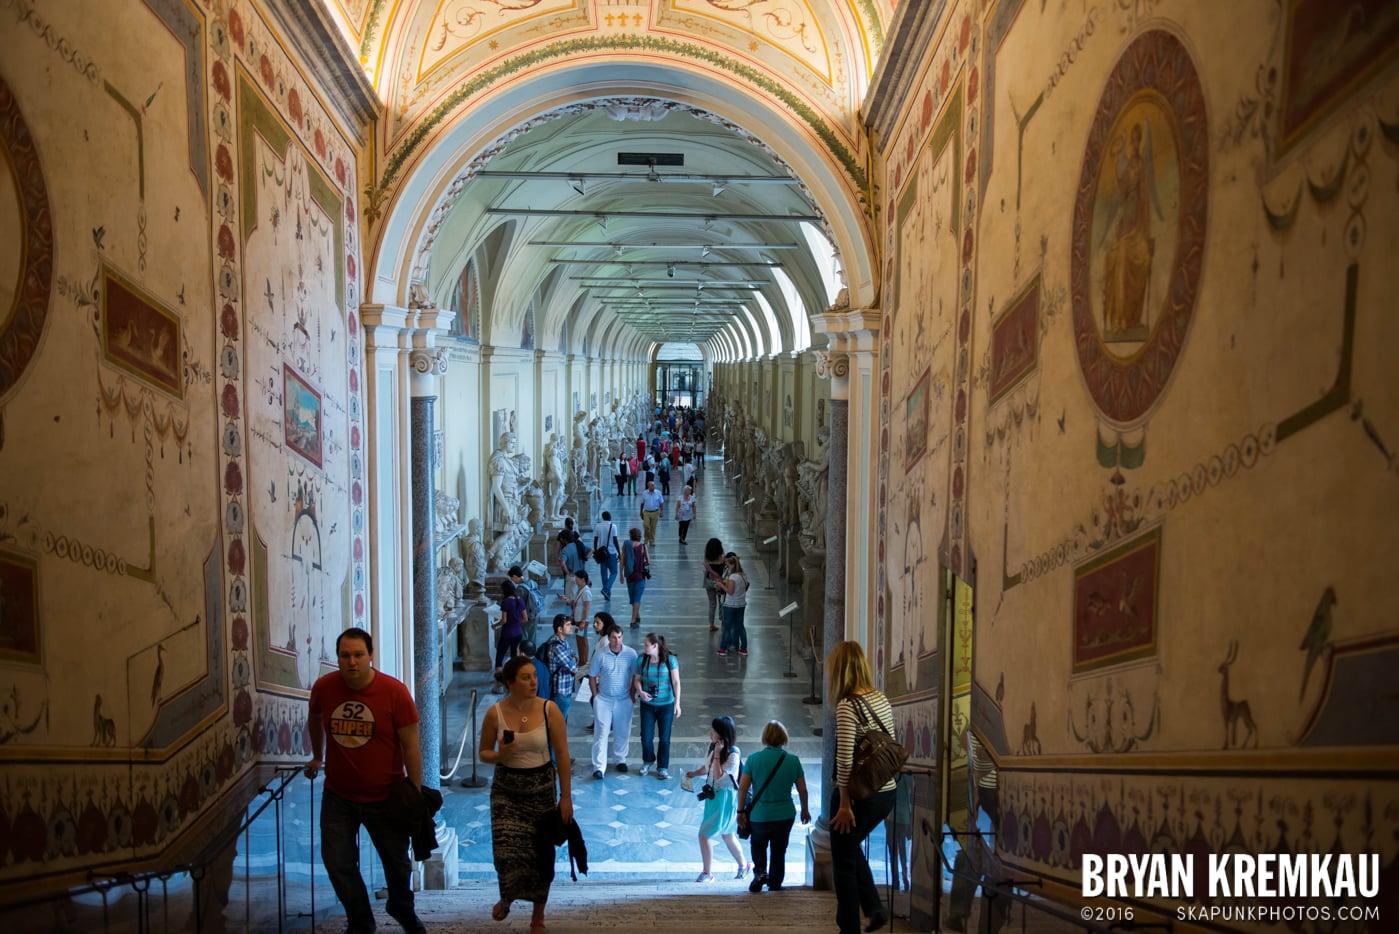 Italy Vacation - Day 3: Rome - 9.11.13 (61)